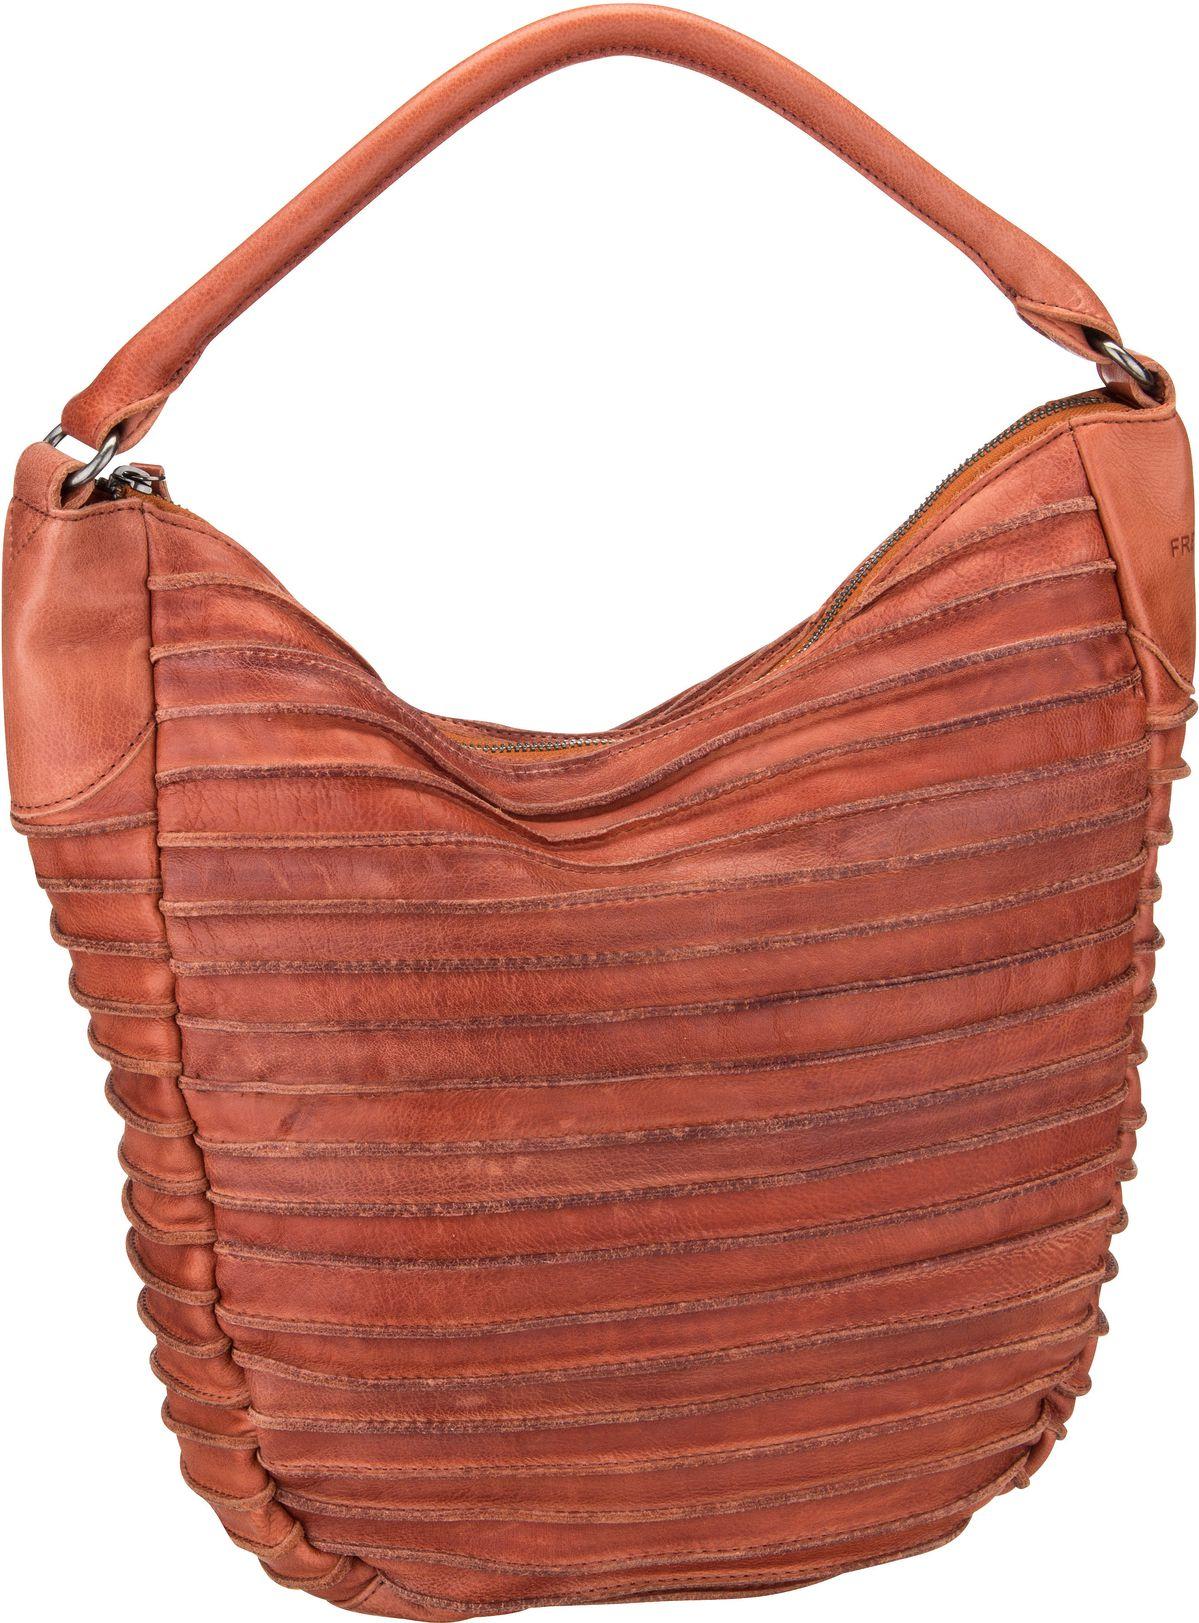 Handtasche Riffeltier S Rustic Orange